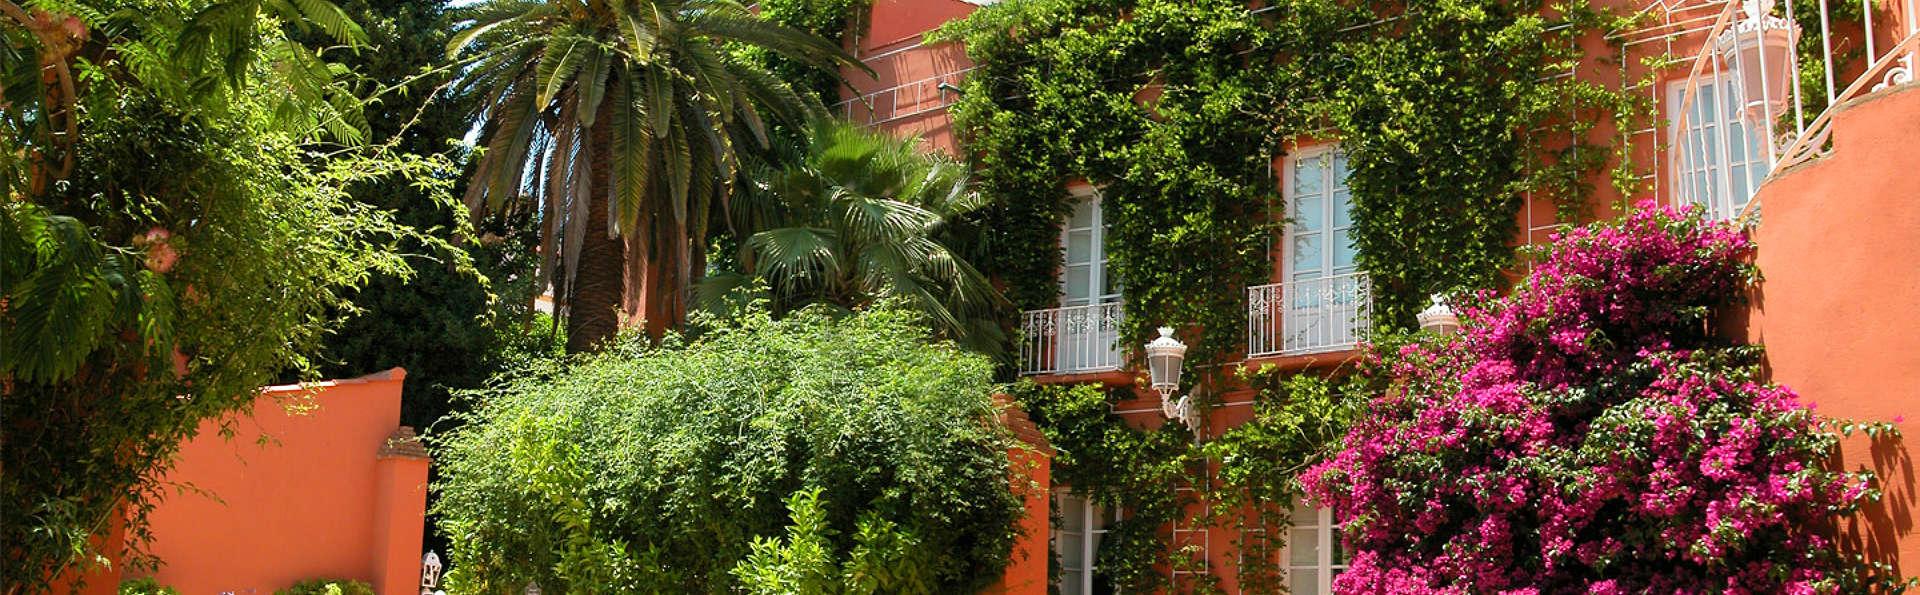 Casa Palacio Conde de la Corte - EDIT_Exterior1.jpg